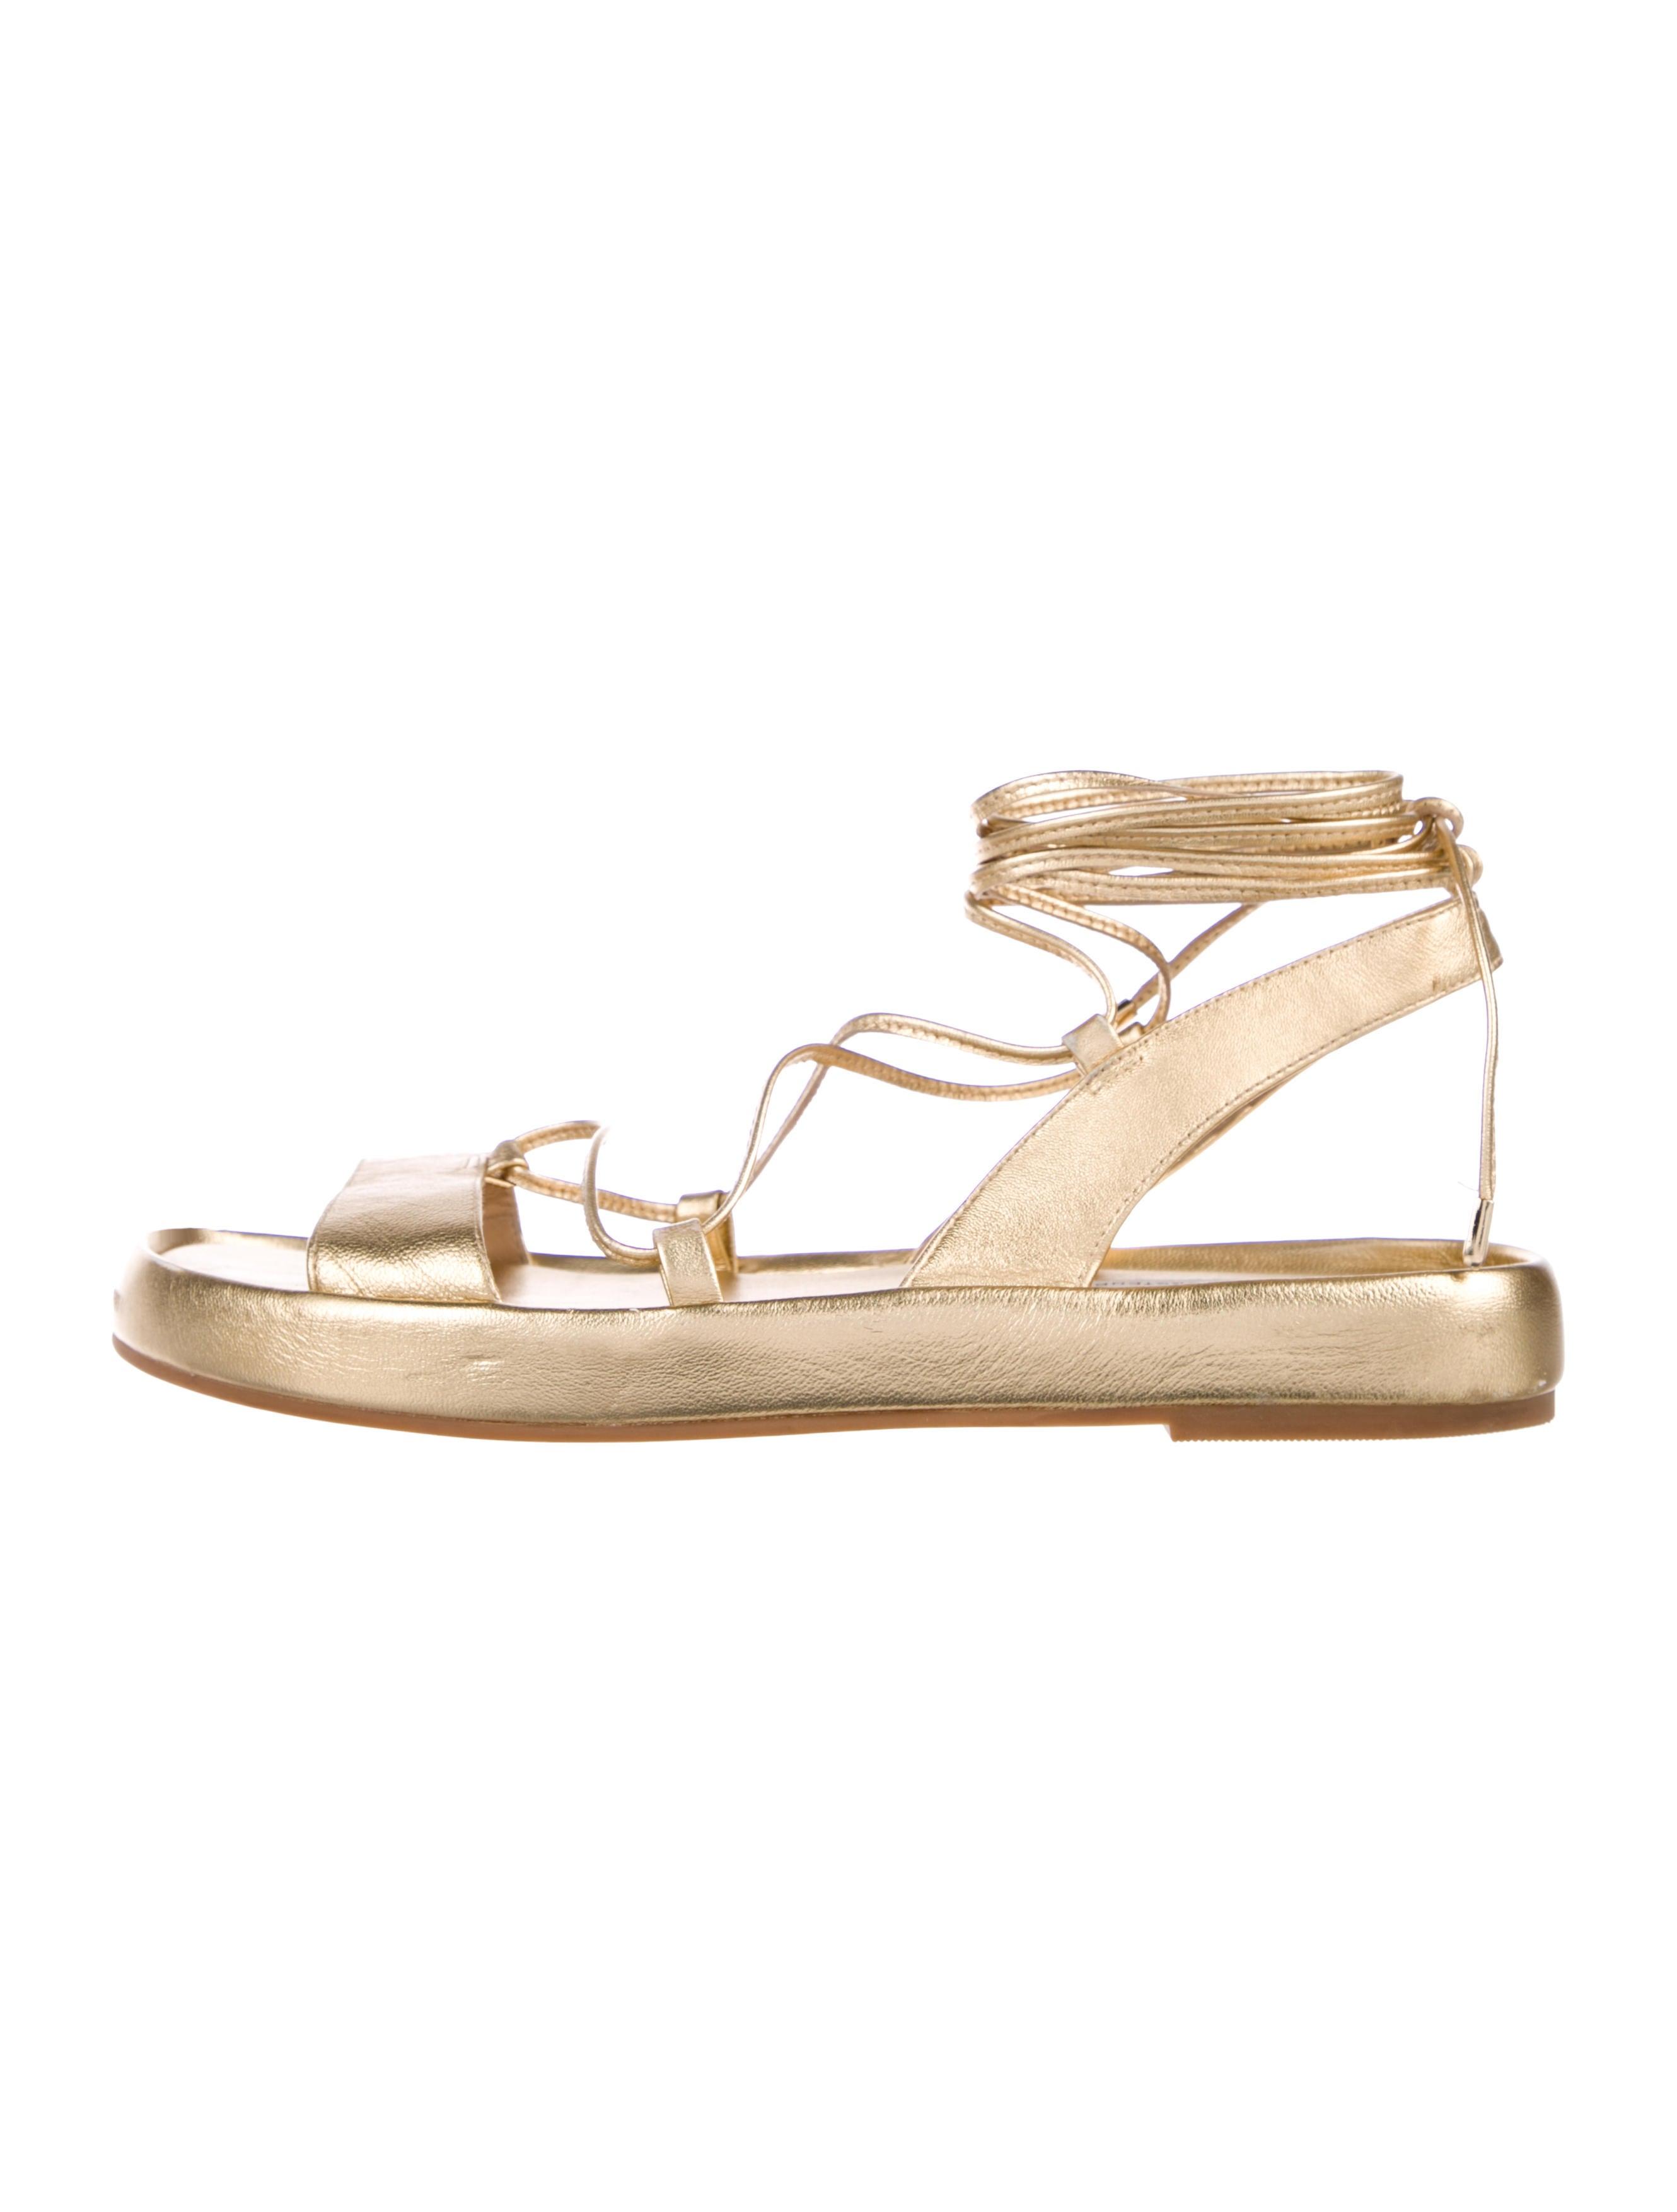 ac2da95616739 Diane von Furstenberg Susie Metallic Sandals - Shoes - WDI154194 ...